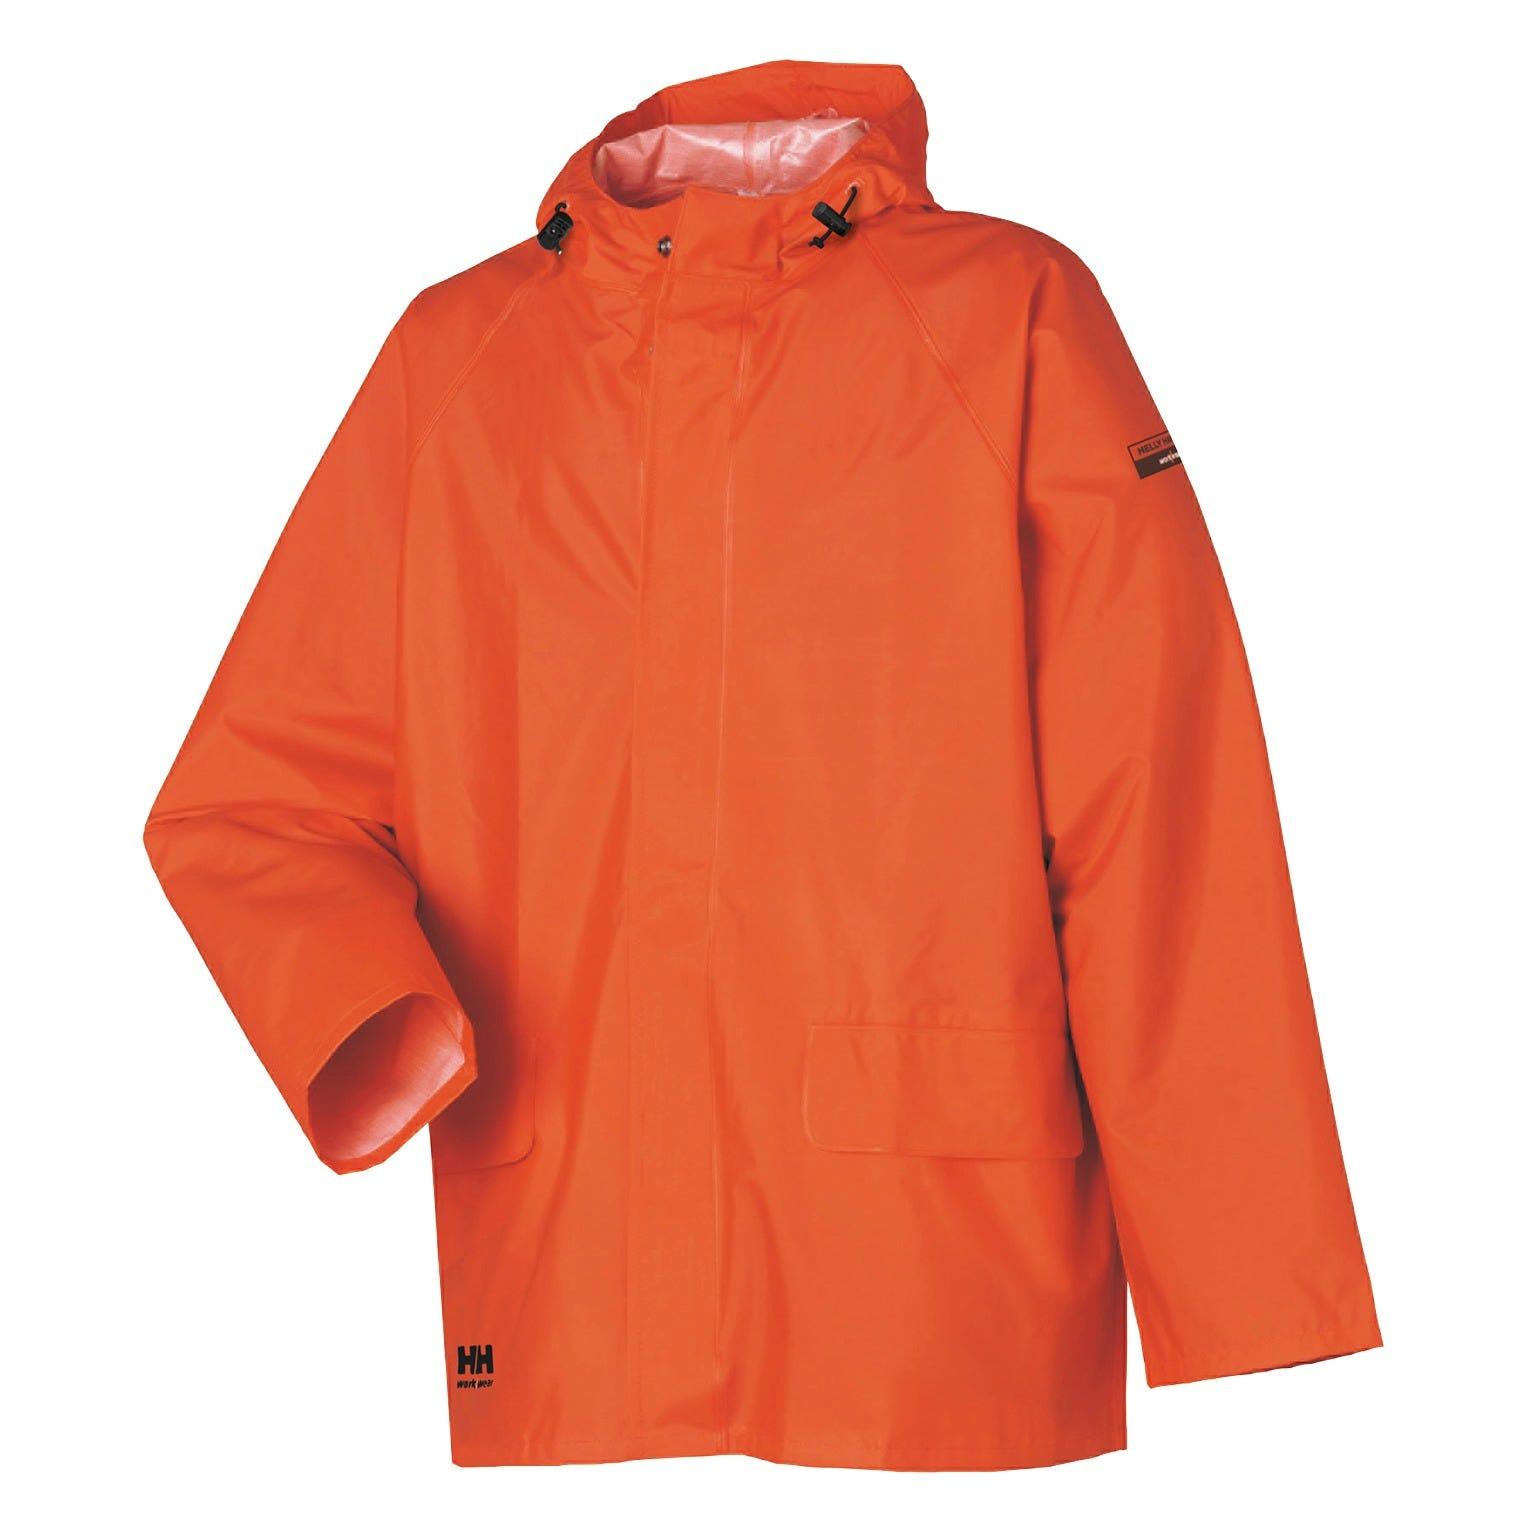 Helly Hansen Jacke 70129 Mandal Jacket 310 Light Yellow